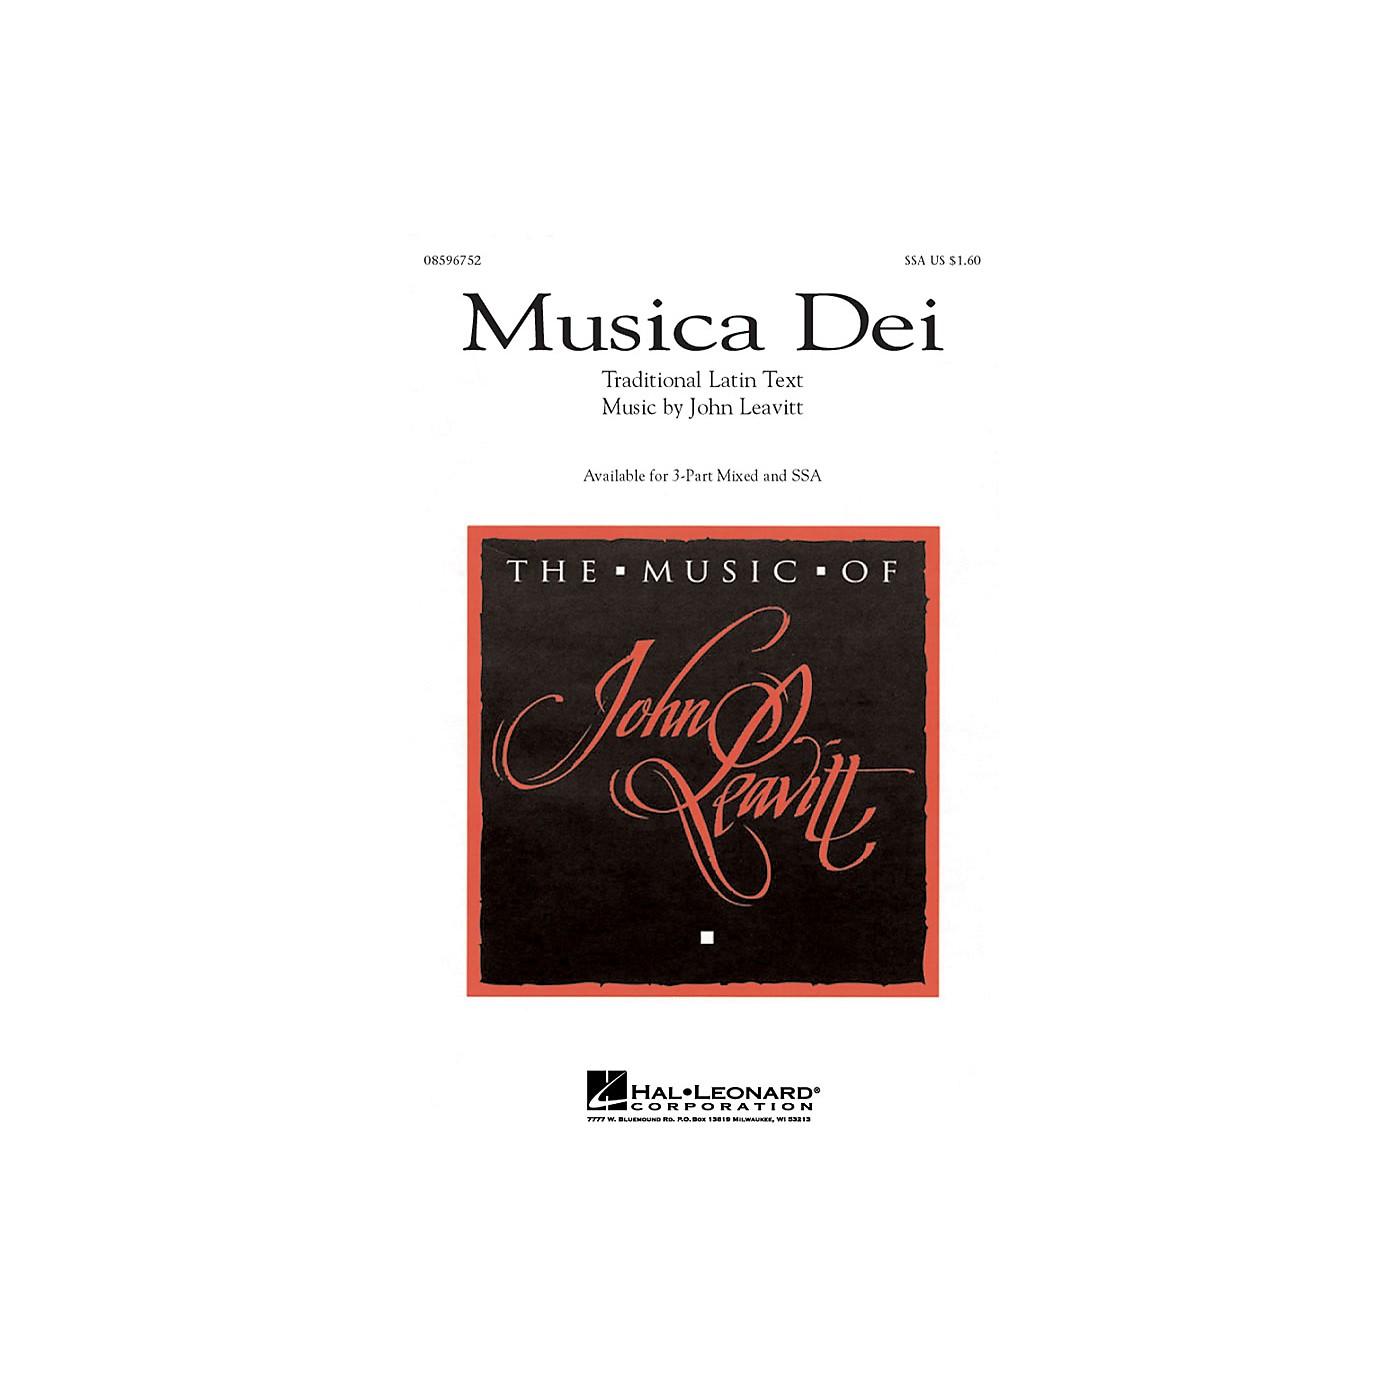 Hal Leonard Musica Dei SSA thumbnail